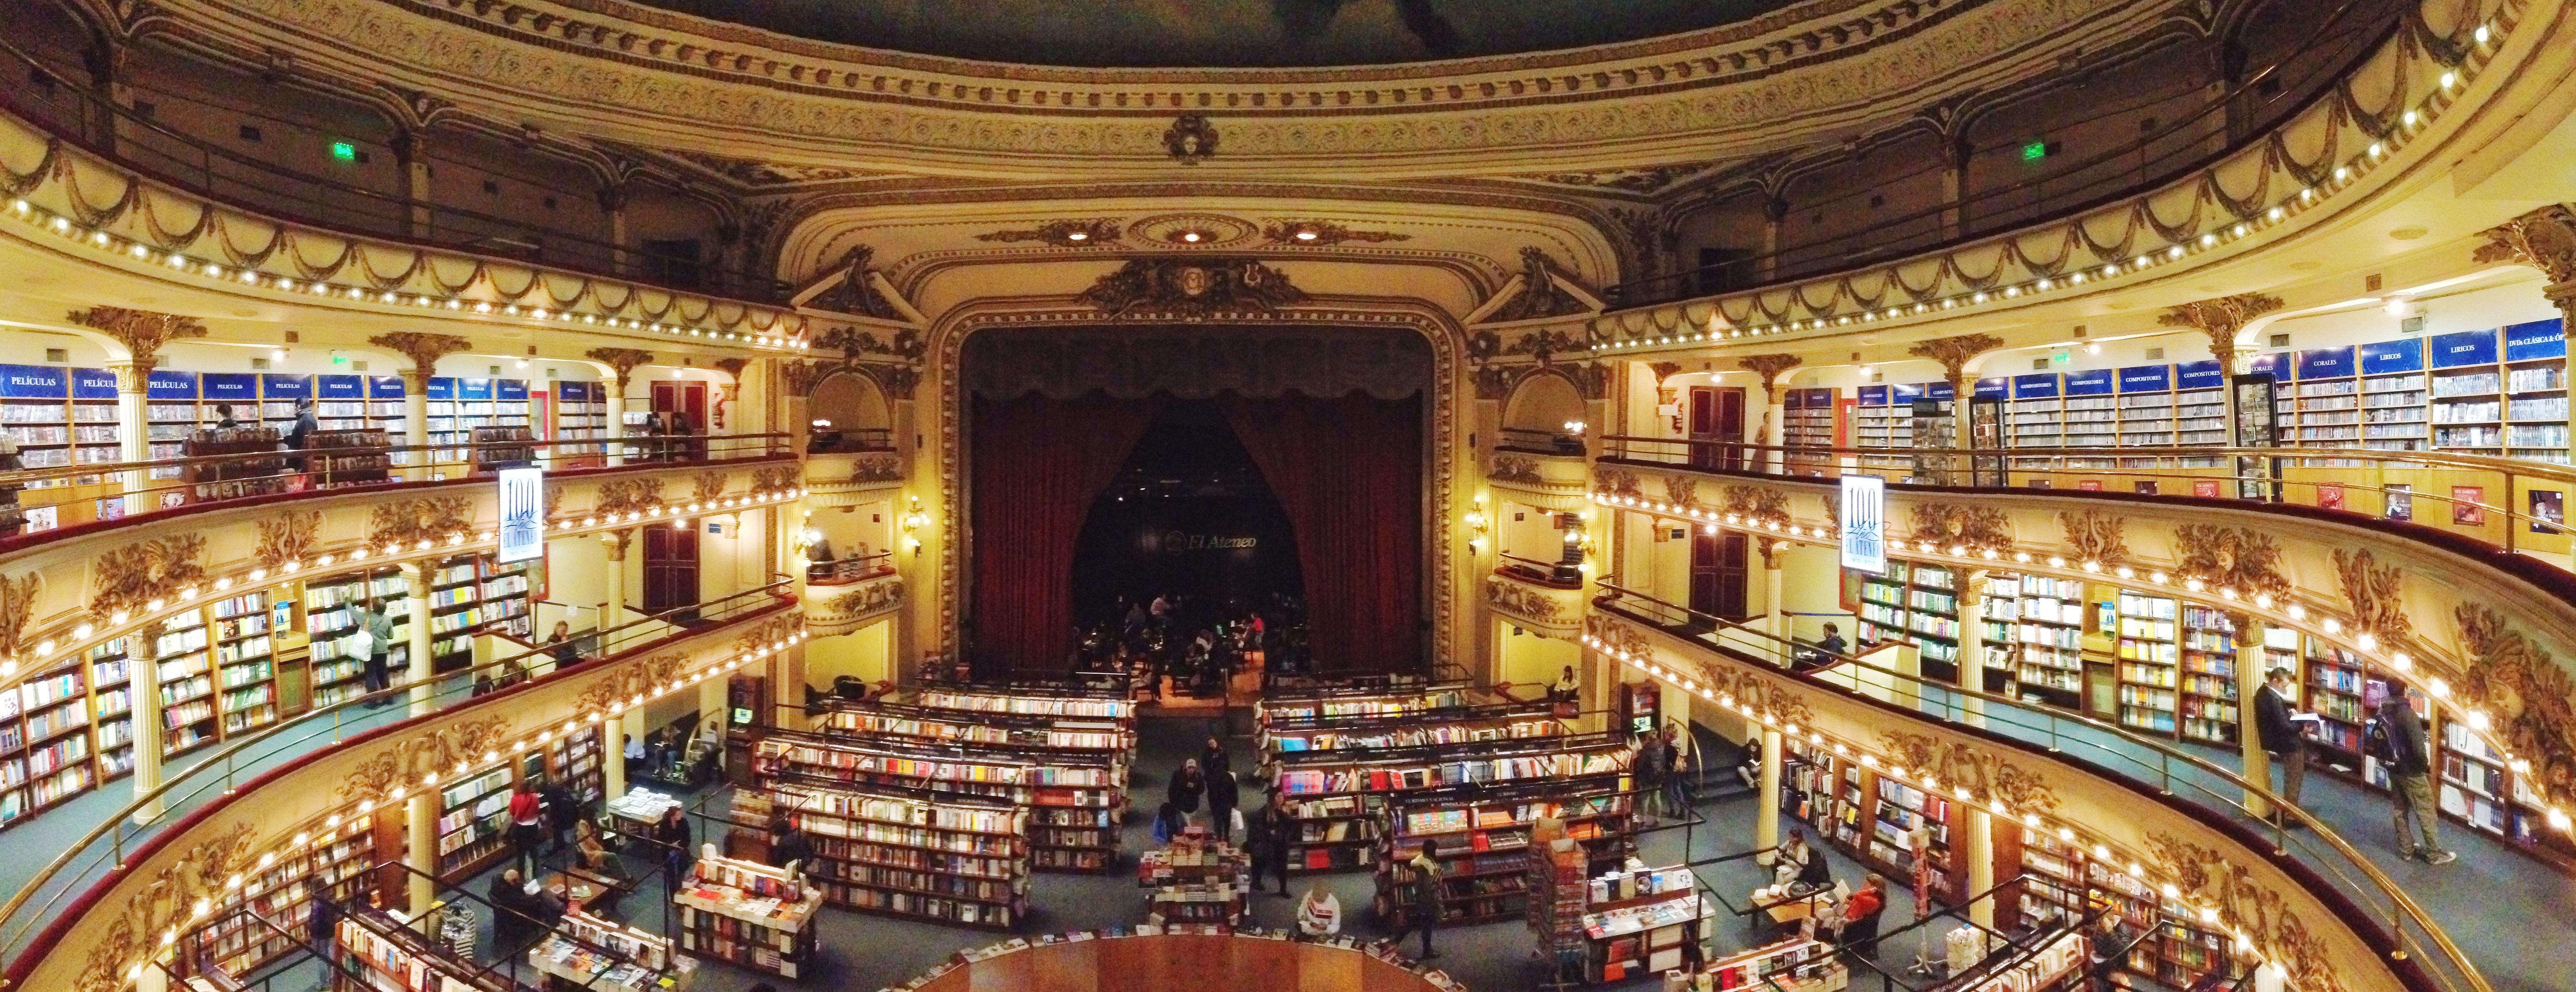 L'Opera di Buenos Aires - una libreria meravigliosa dentro un vecchio teatro